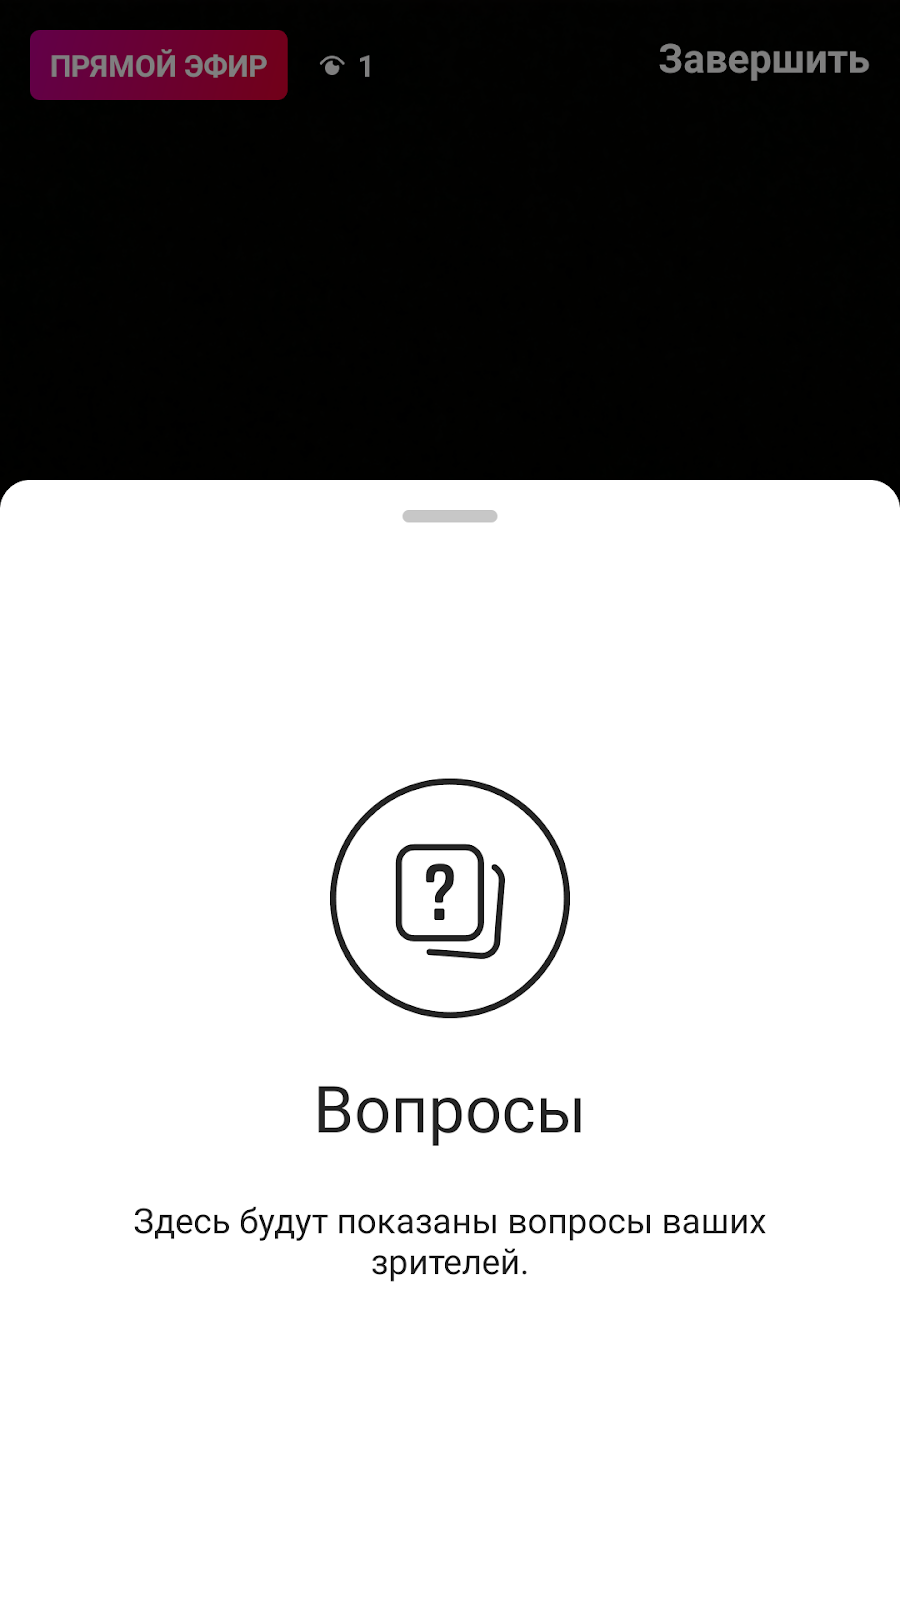 Как сделать прямую трансляцию в Instagram?